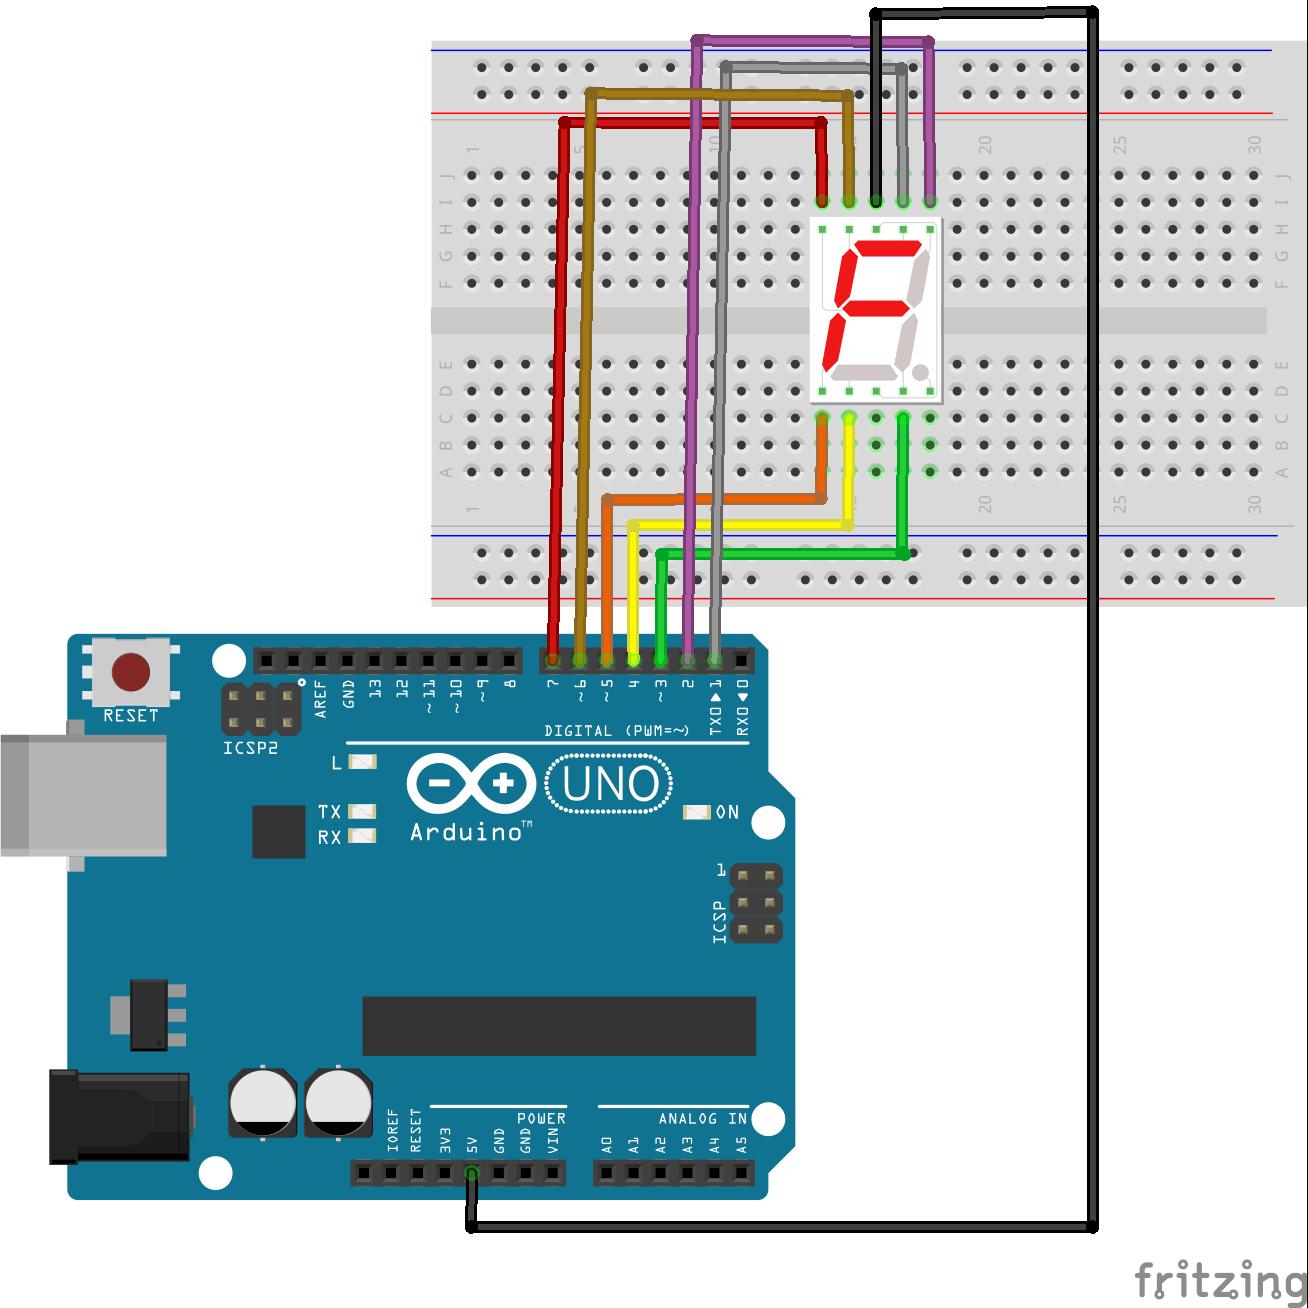 Arduino筆記(51):7段顯示器LED的應用 | 天花板隨記